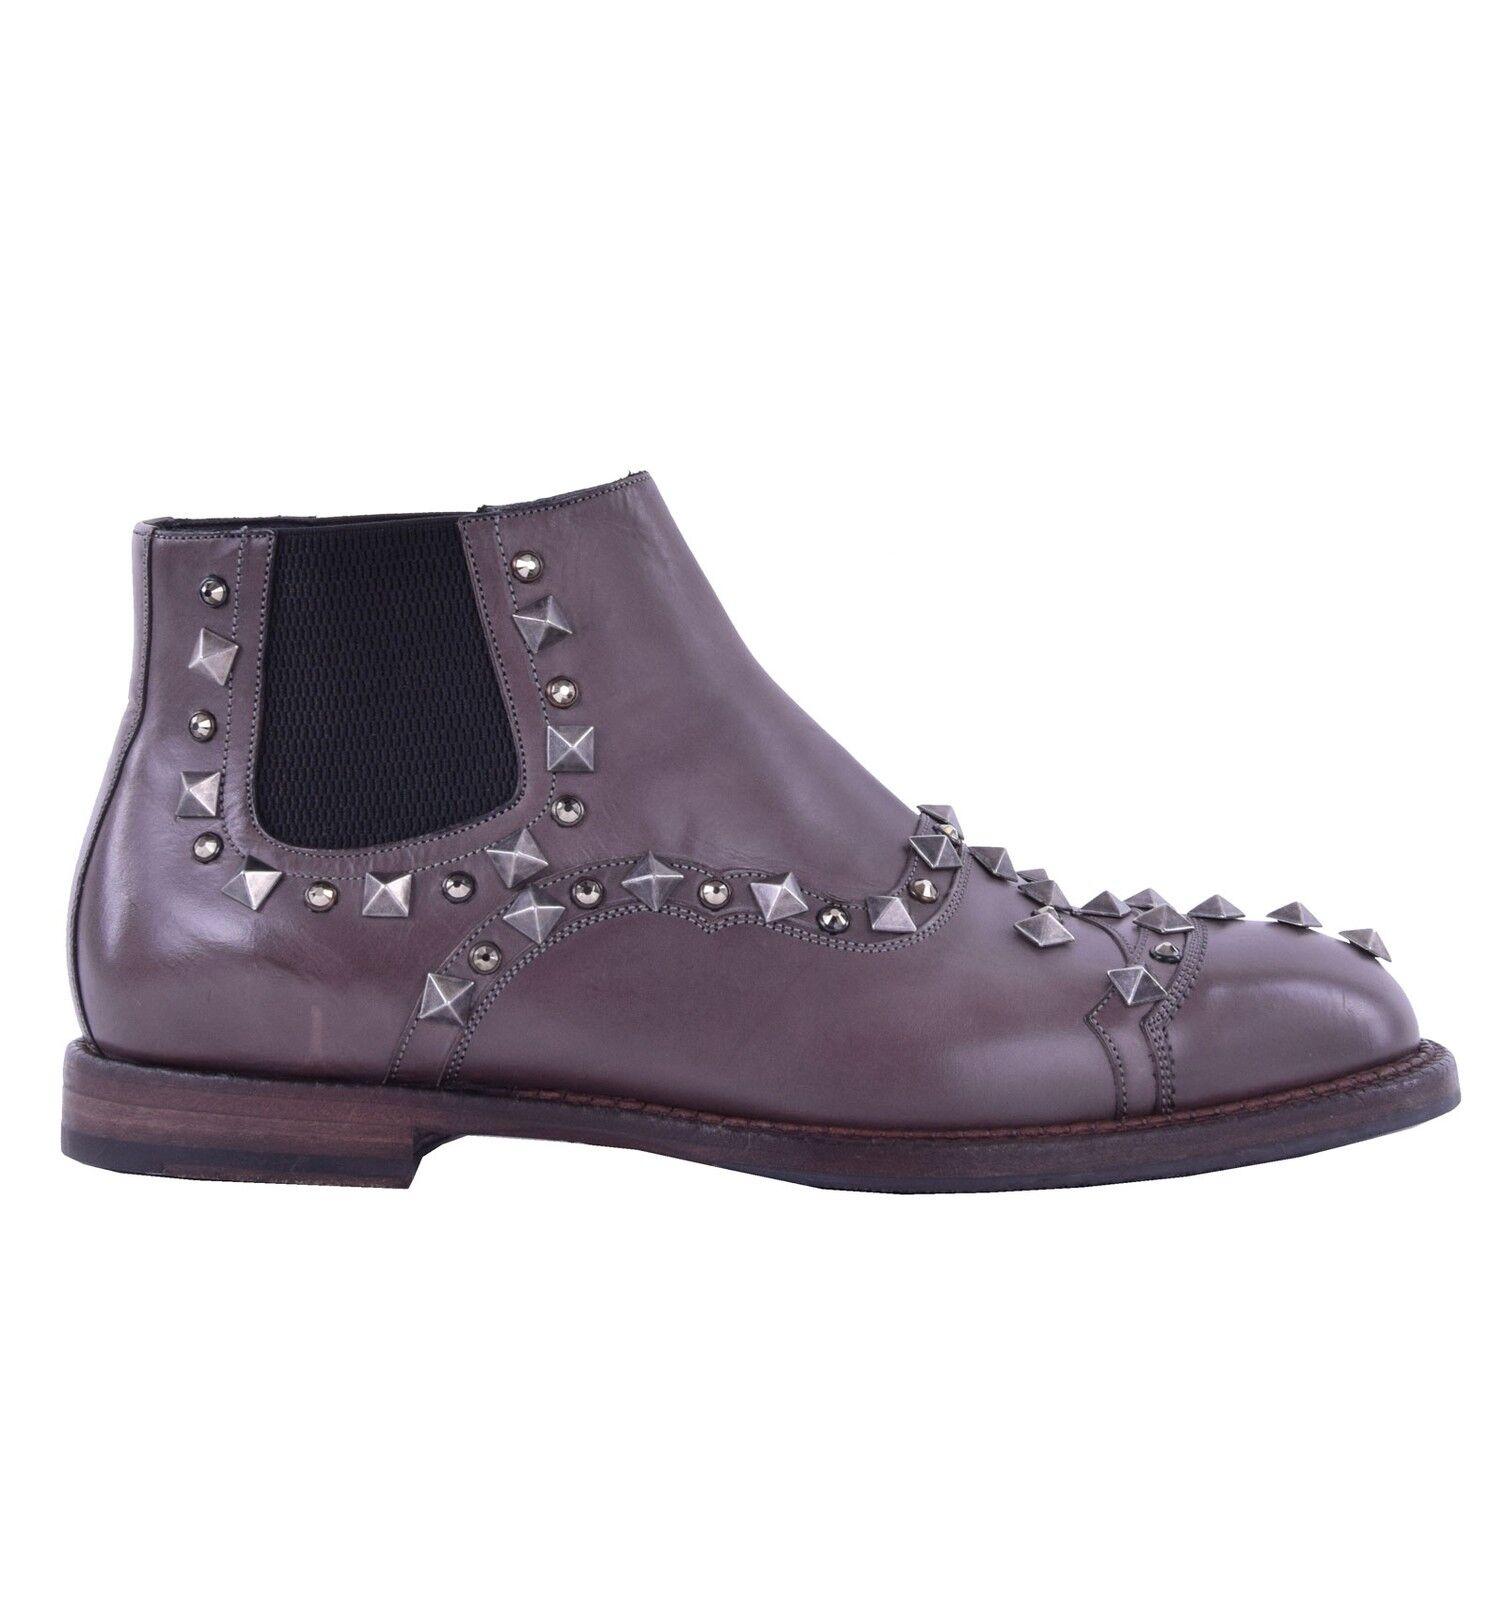 DOLCE & GABBANA RUNWAY Stiefeletten mit Nieten & Strass Braun Grau Boots 04868